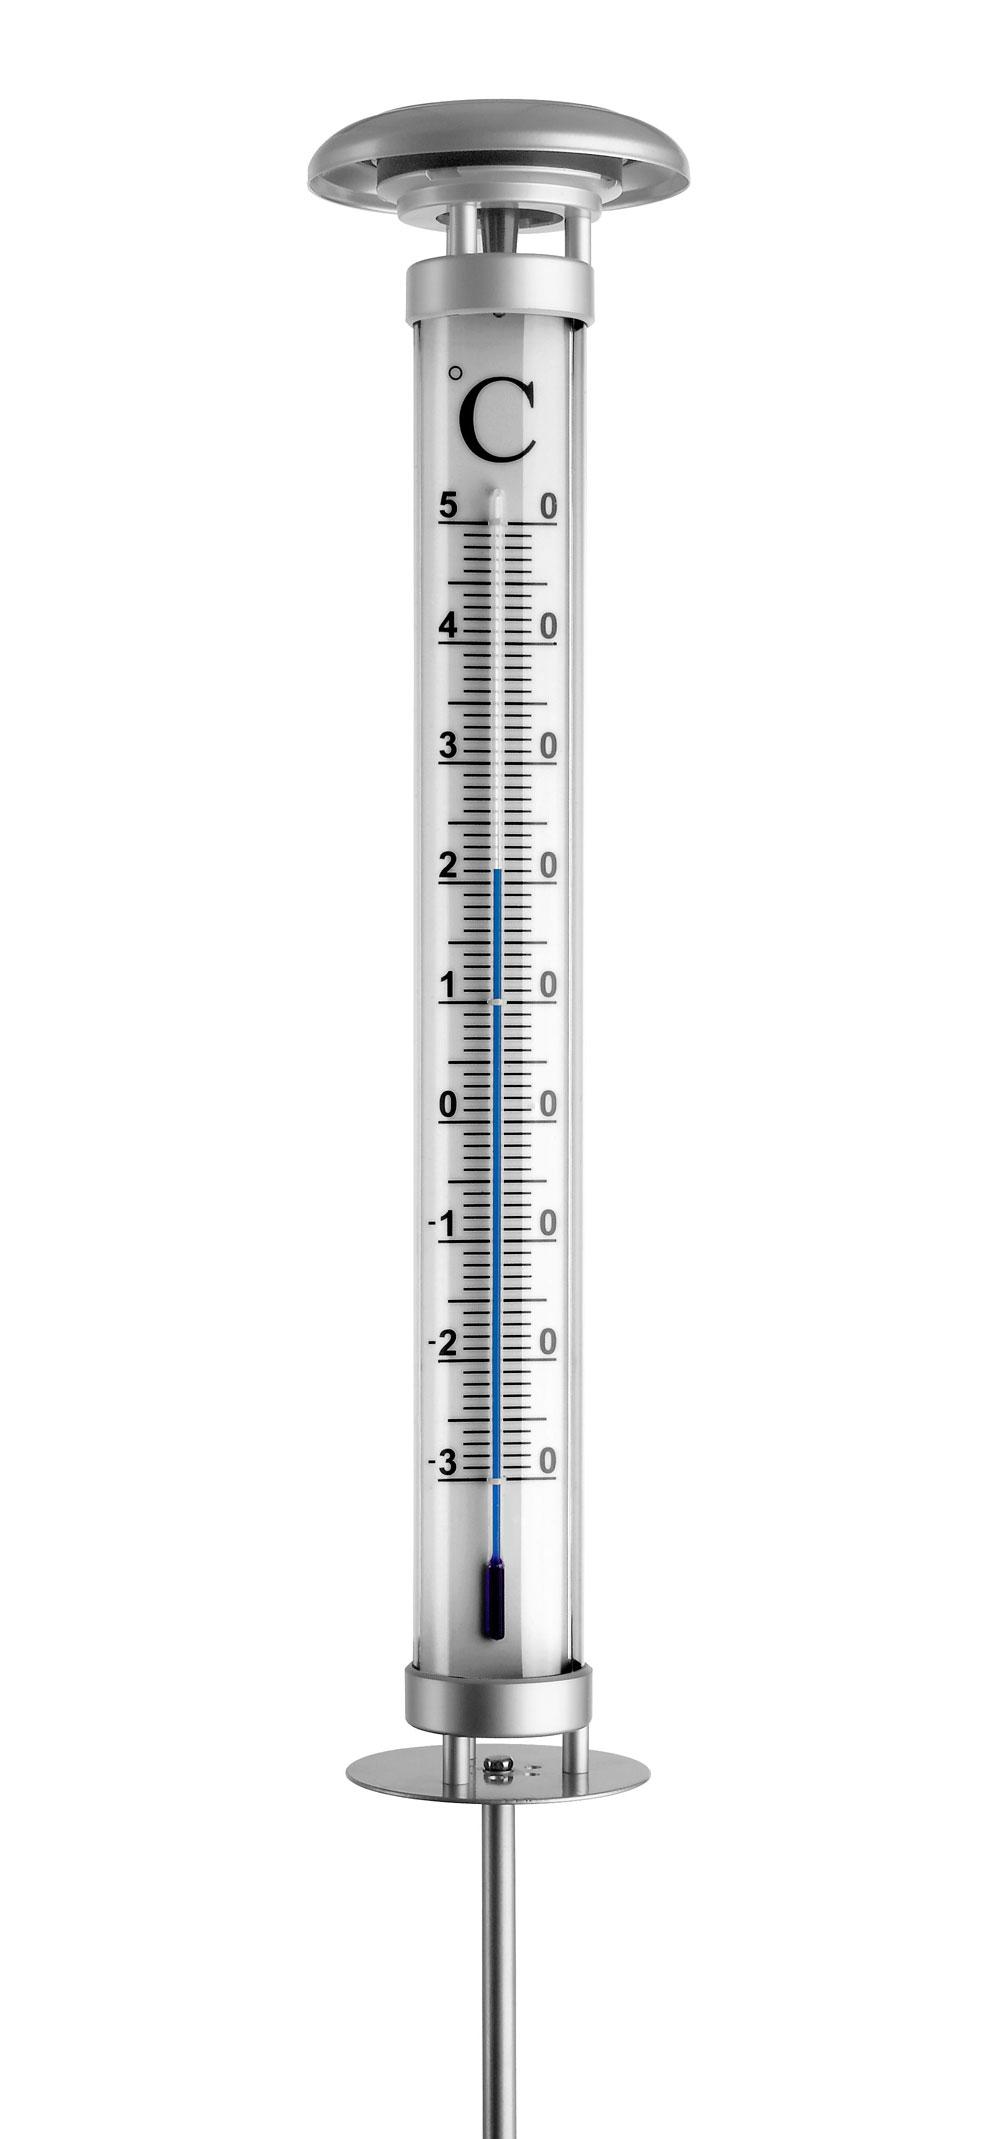 Gartenthermometer / Bodenthermometer Solino FS-TFA mit Solarlicht Bild 1